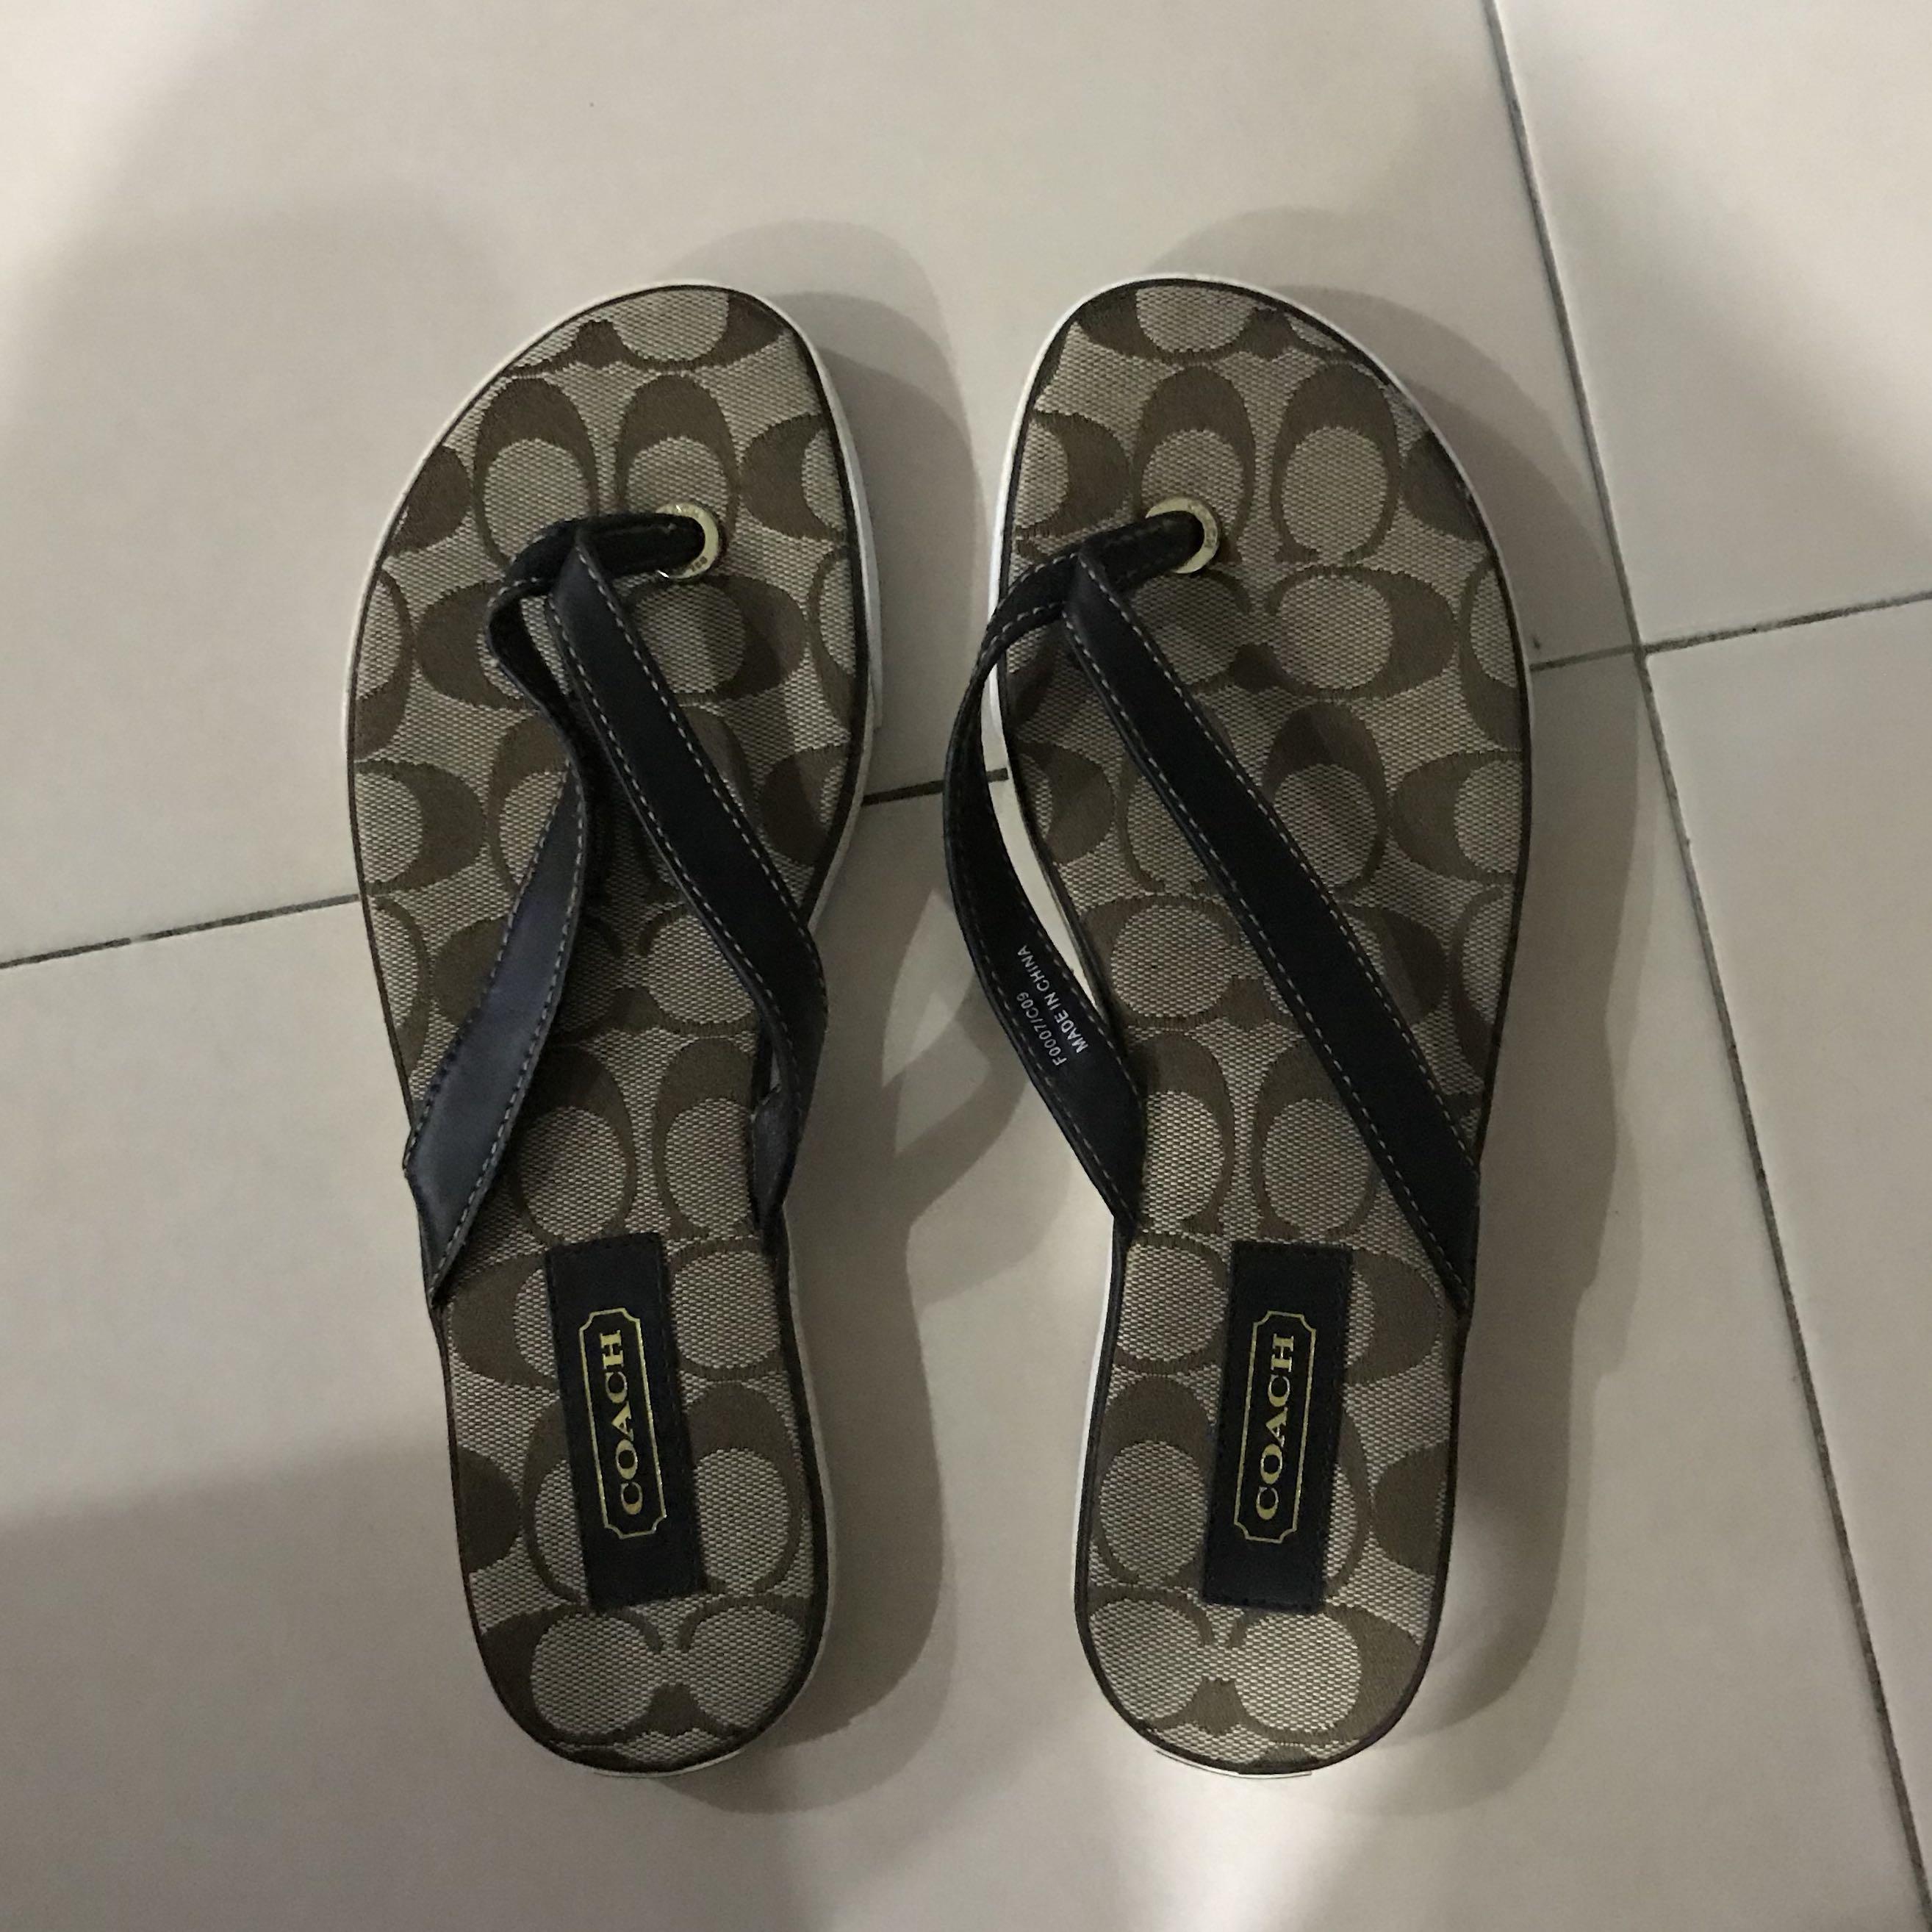 Coach slipper